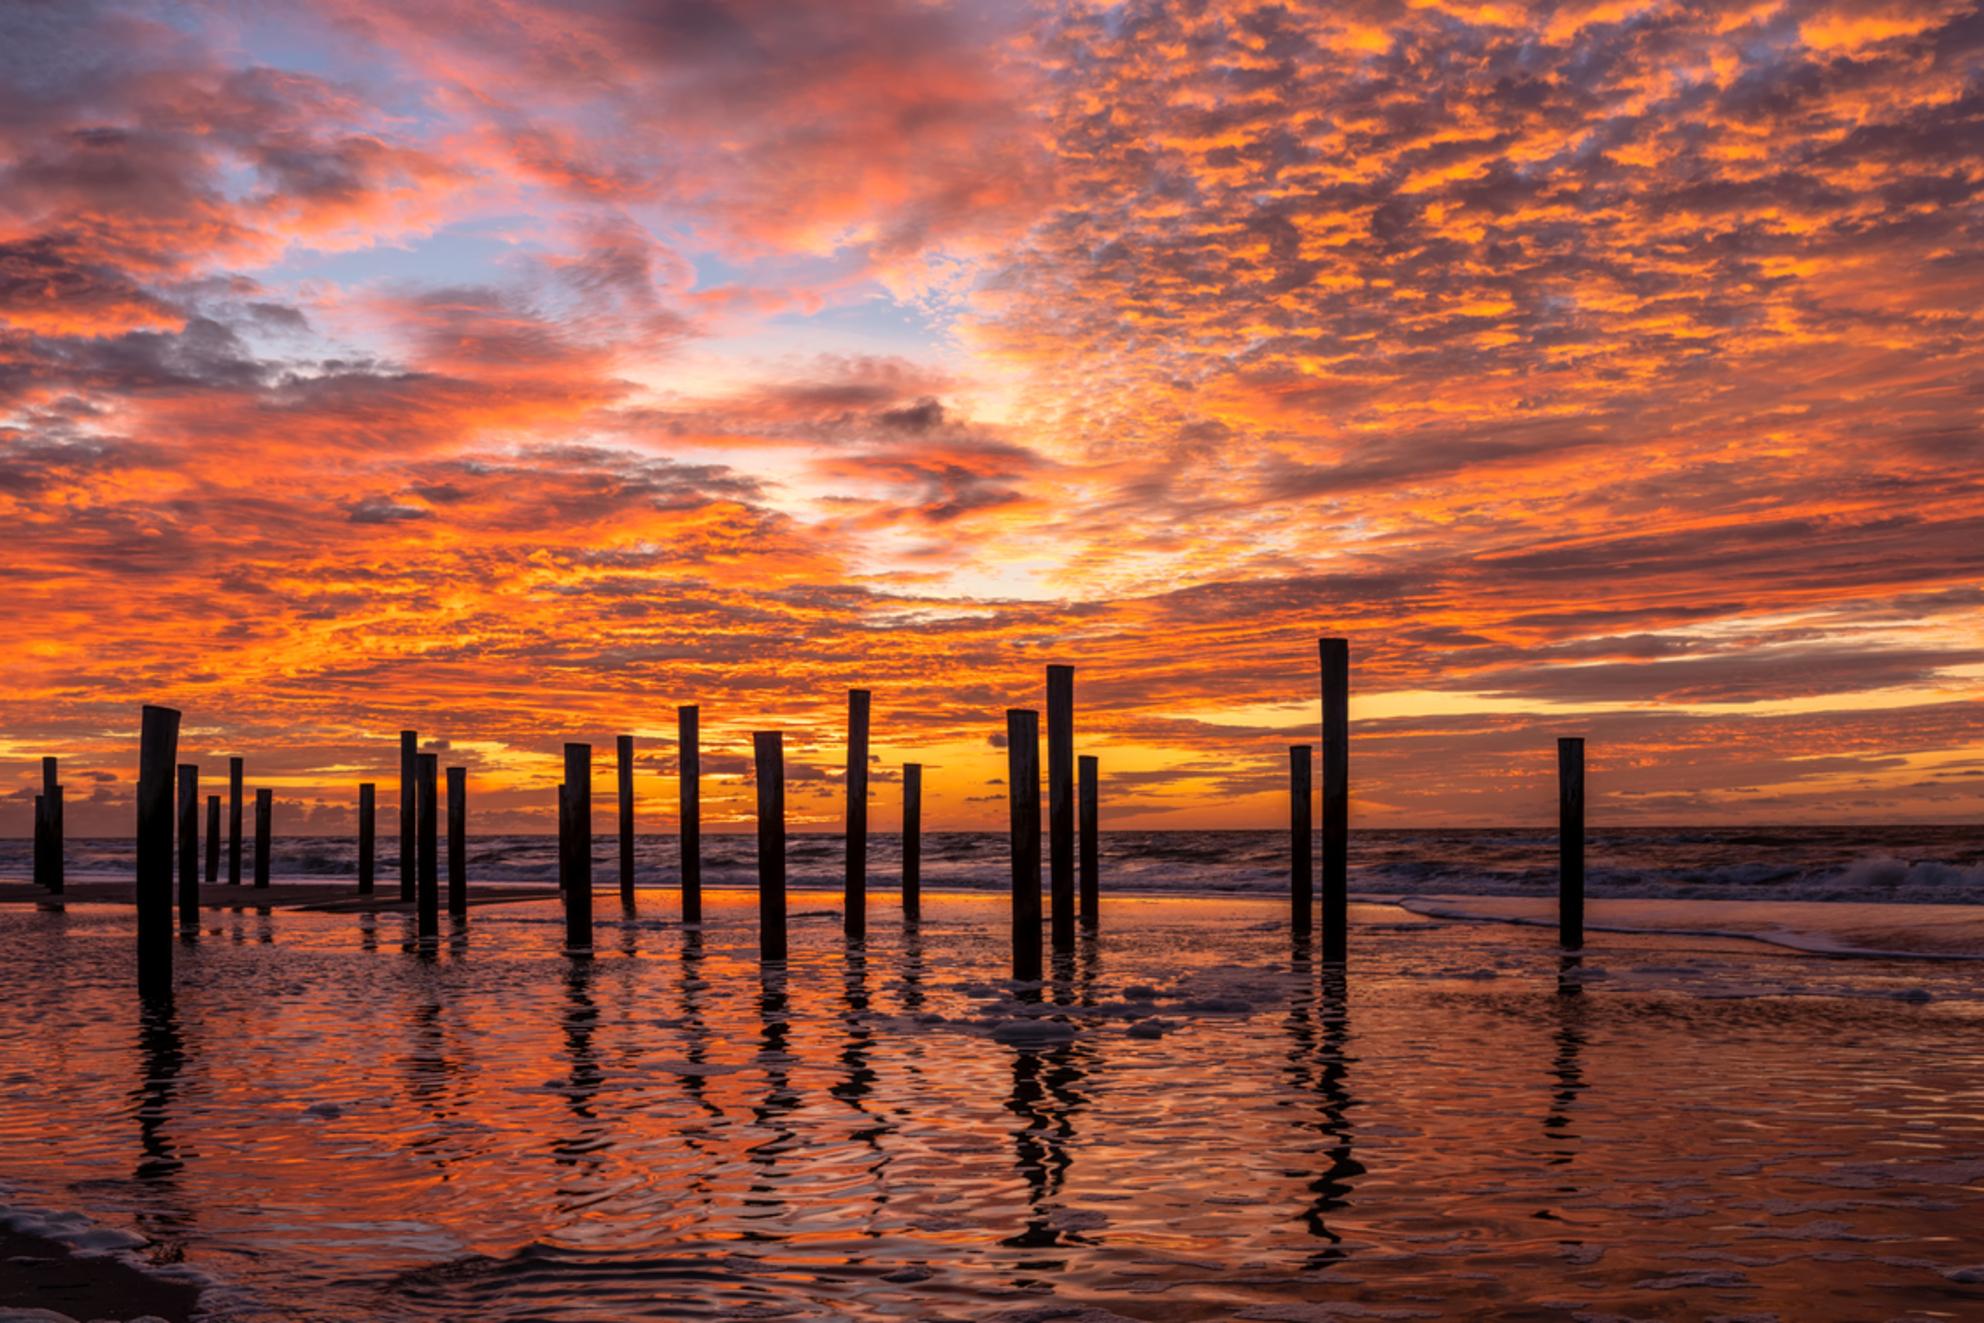 Palendorp Petten - - - foto door m_oudenaarden op 21-11-2020 - deze foto bevat: lucht, wolken, strand, zee, water, licht, avond, zonsondergang, landschap, tegenlicht, kust, nederland, photoshop, noordholland, europa, petten, lightroom, nik, noord-holland, fotohela, palendorp